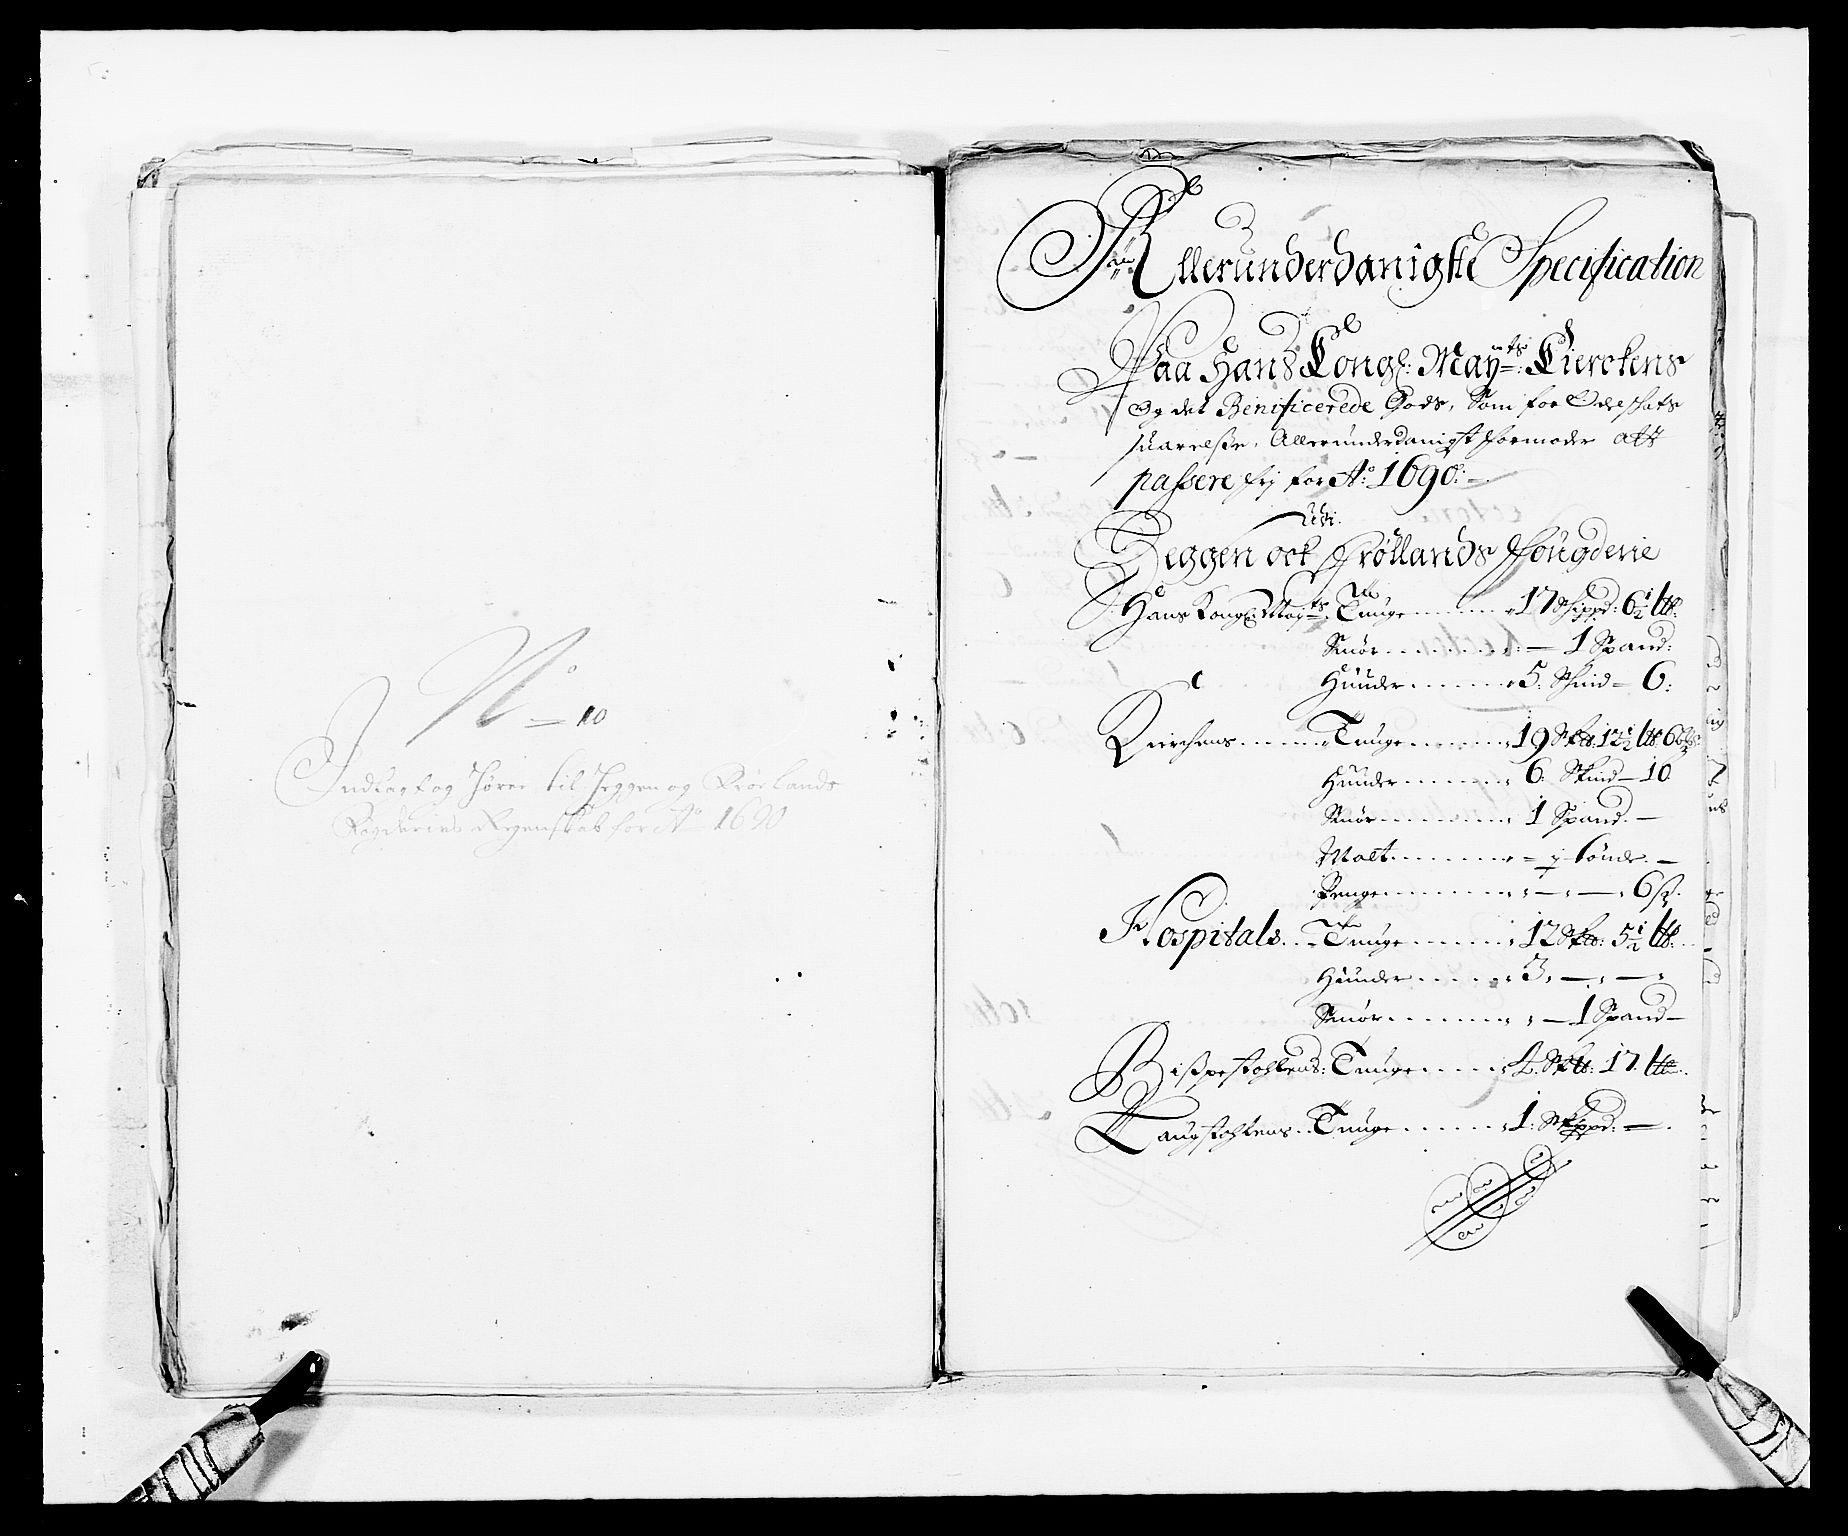 RA, Rentekammeret inntil 1814, Reviderte regnskaper, Fogderegnskap, R06/L0282: Fogderegnskap Heggen og Frøland, 1687-1690, s. 275